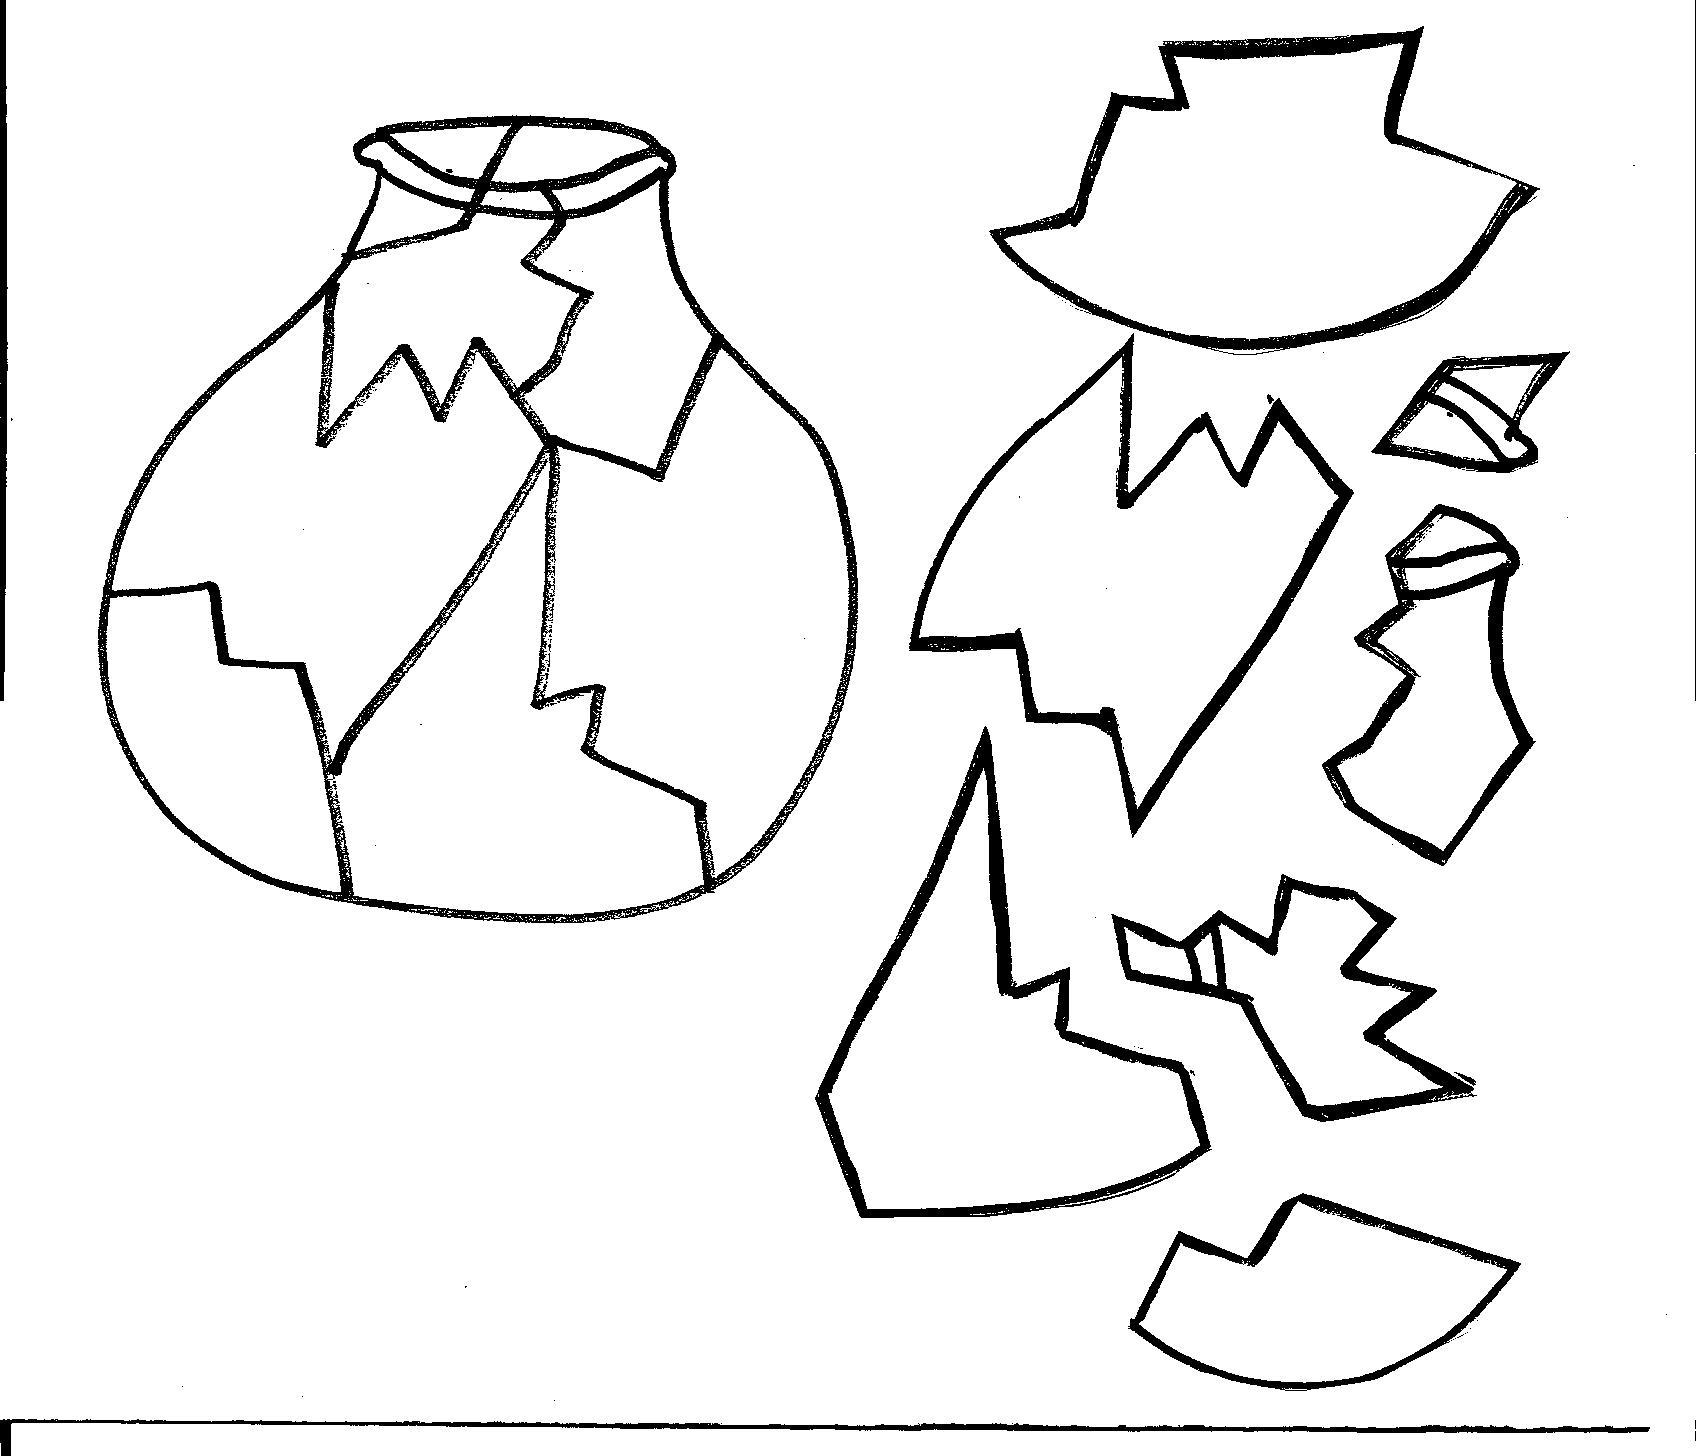 Ceramic vase clipart #3